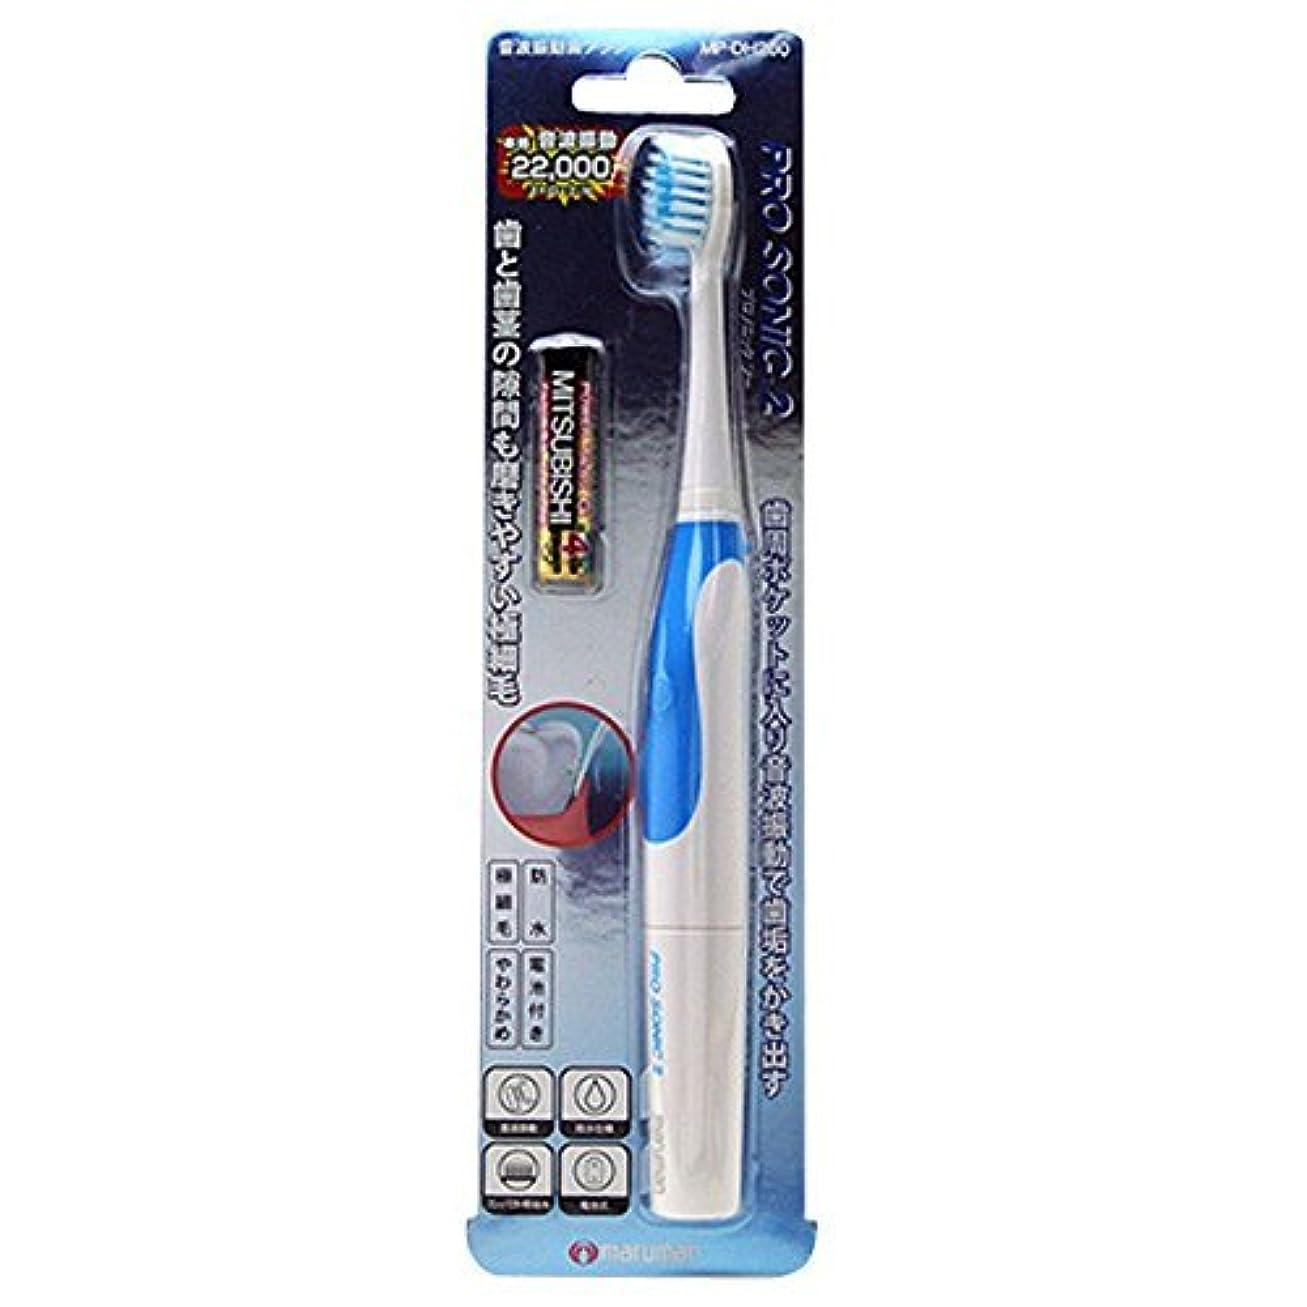 最終適度に文明化する音波振動歯ブラシPROSONIC2MP-DH200BL